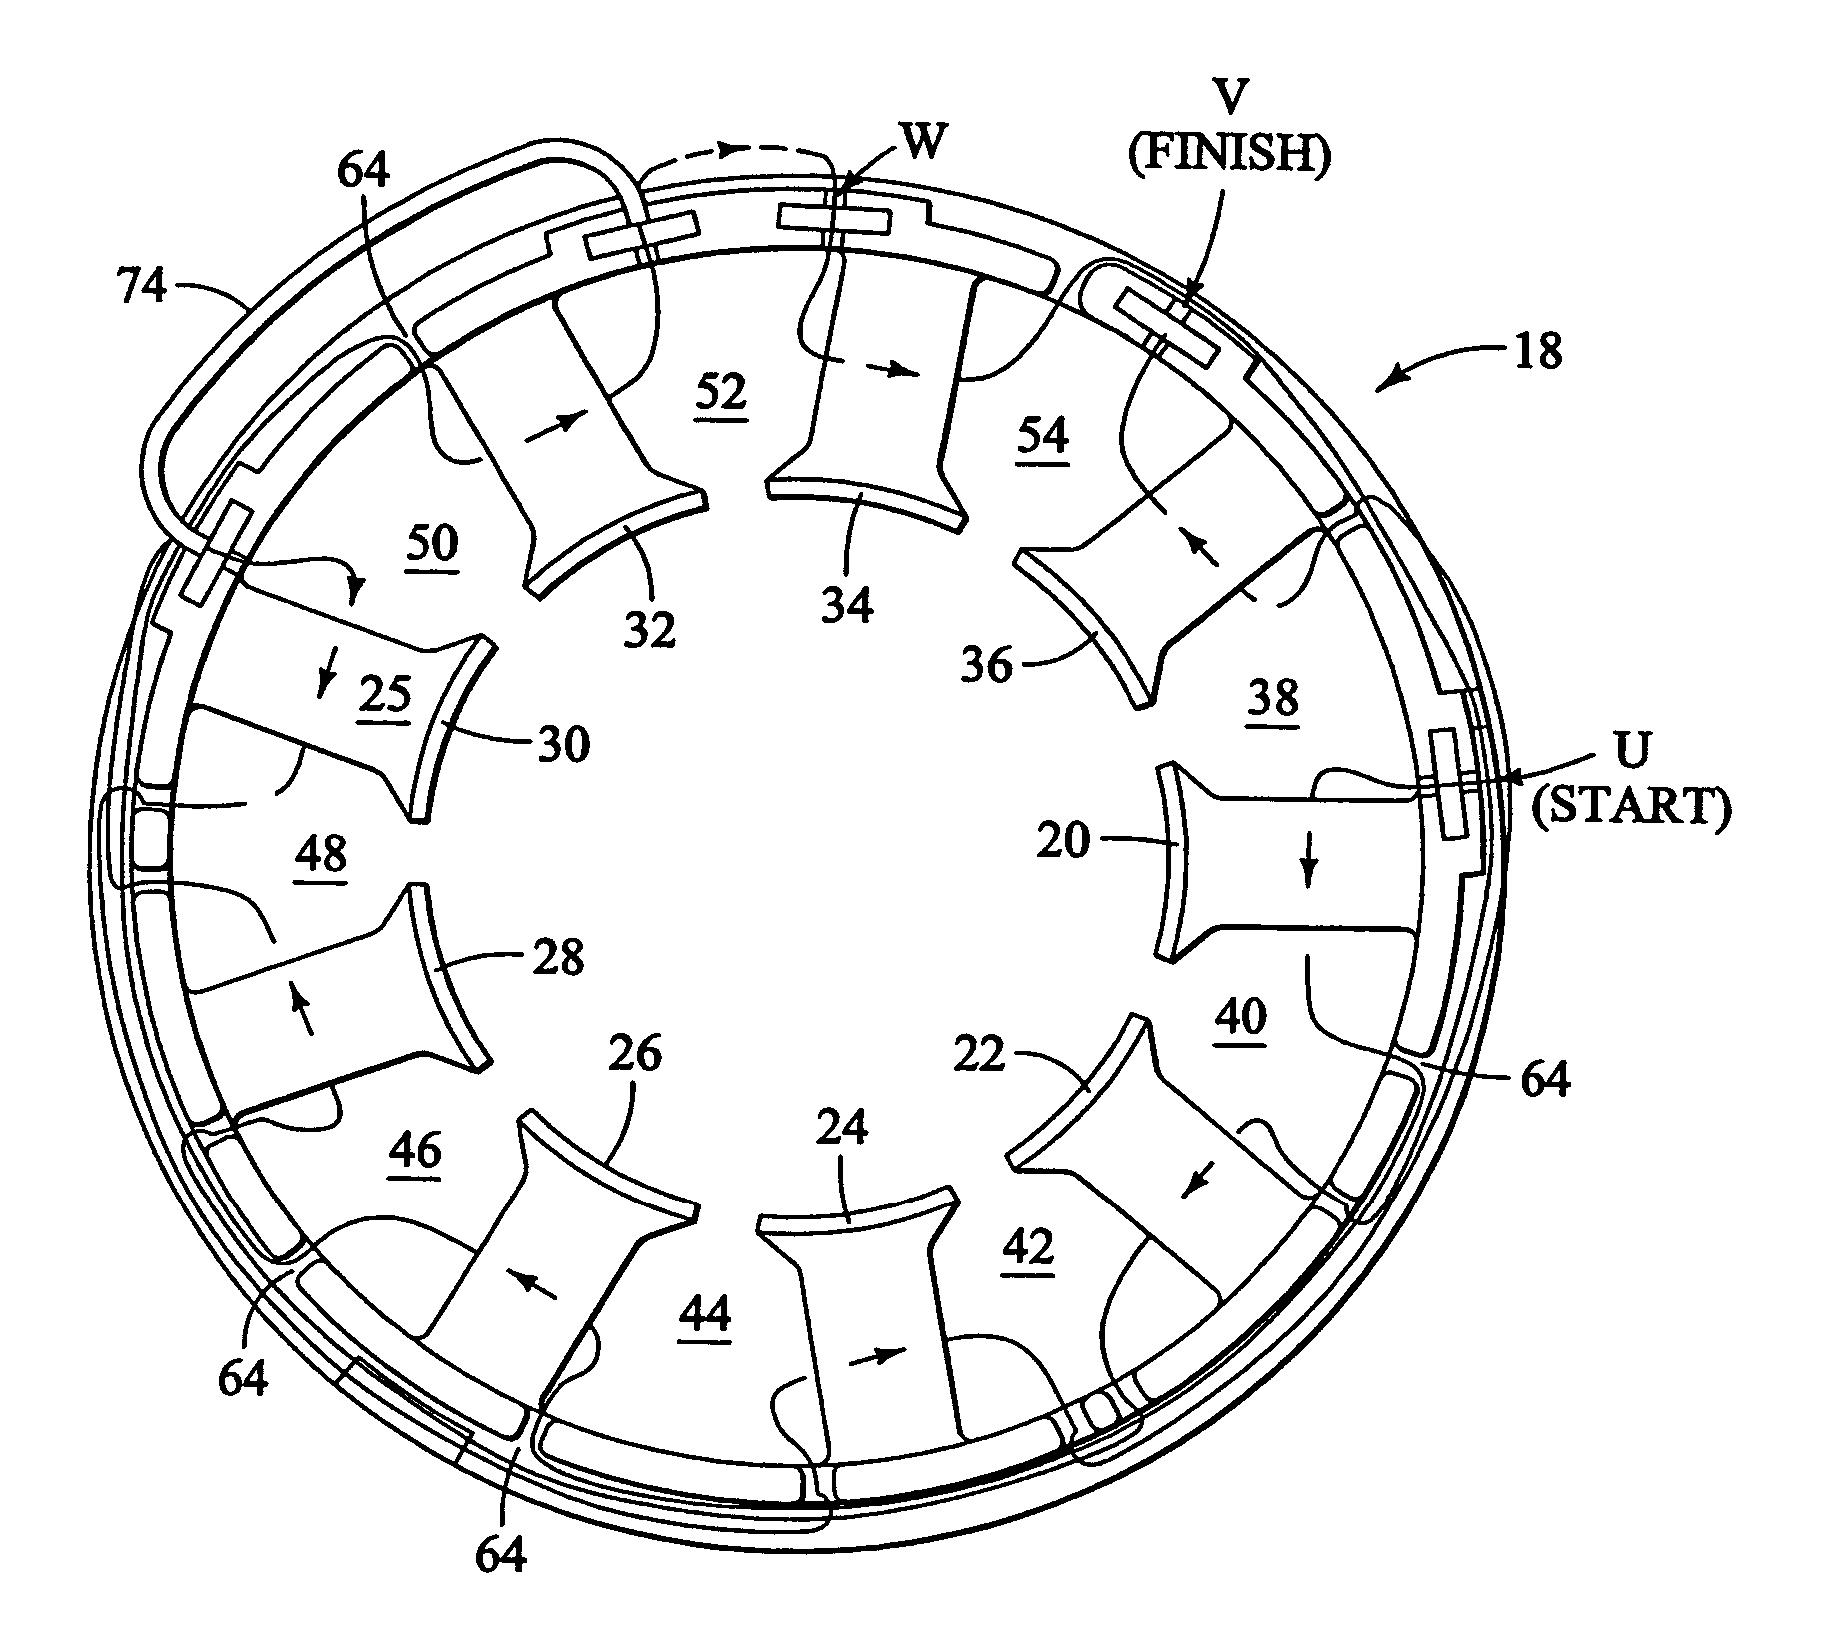 single phase winding diagram